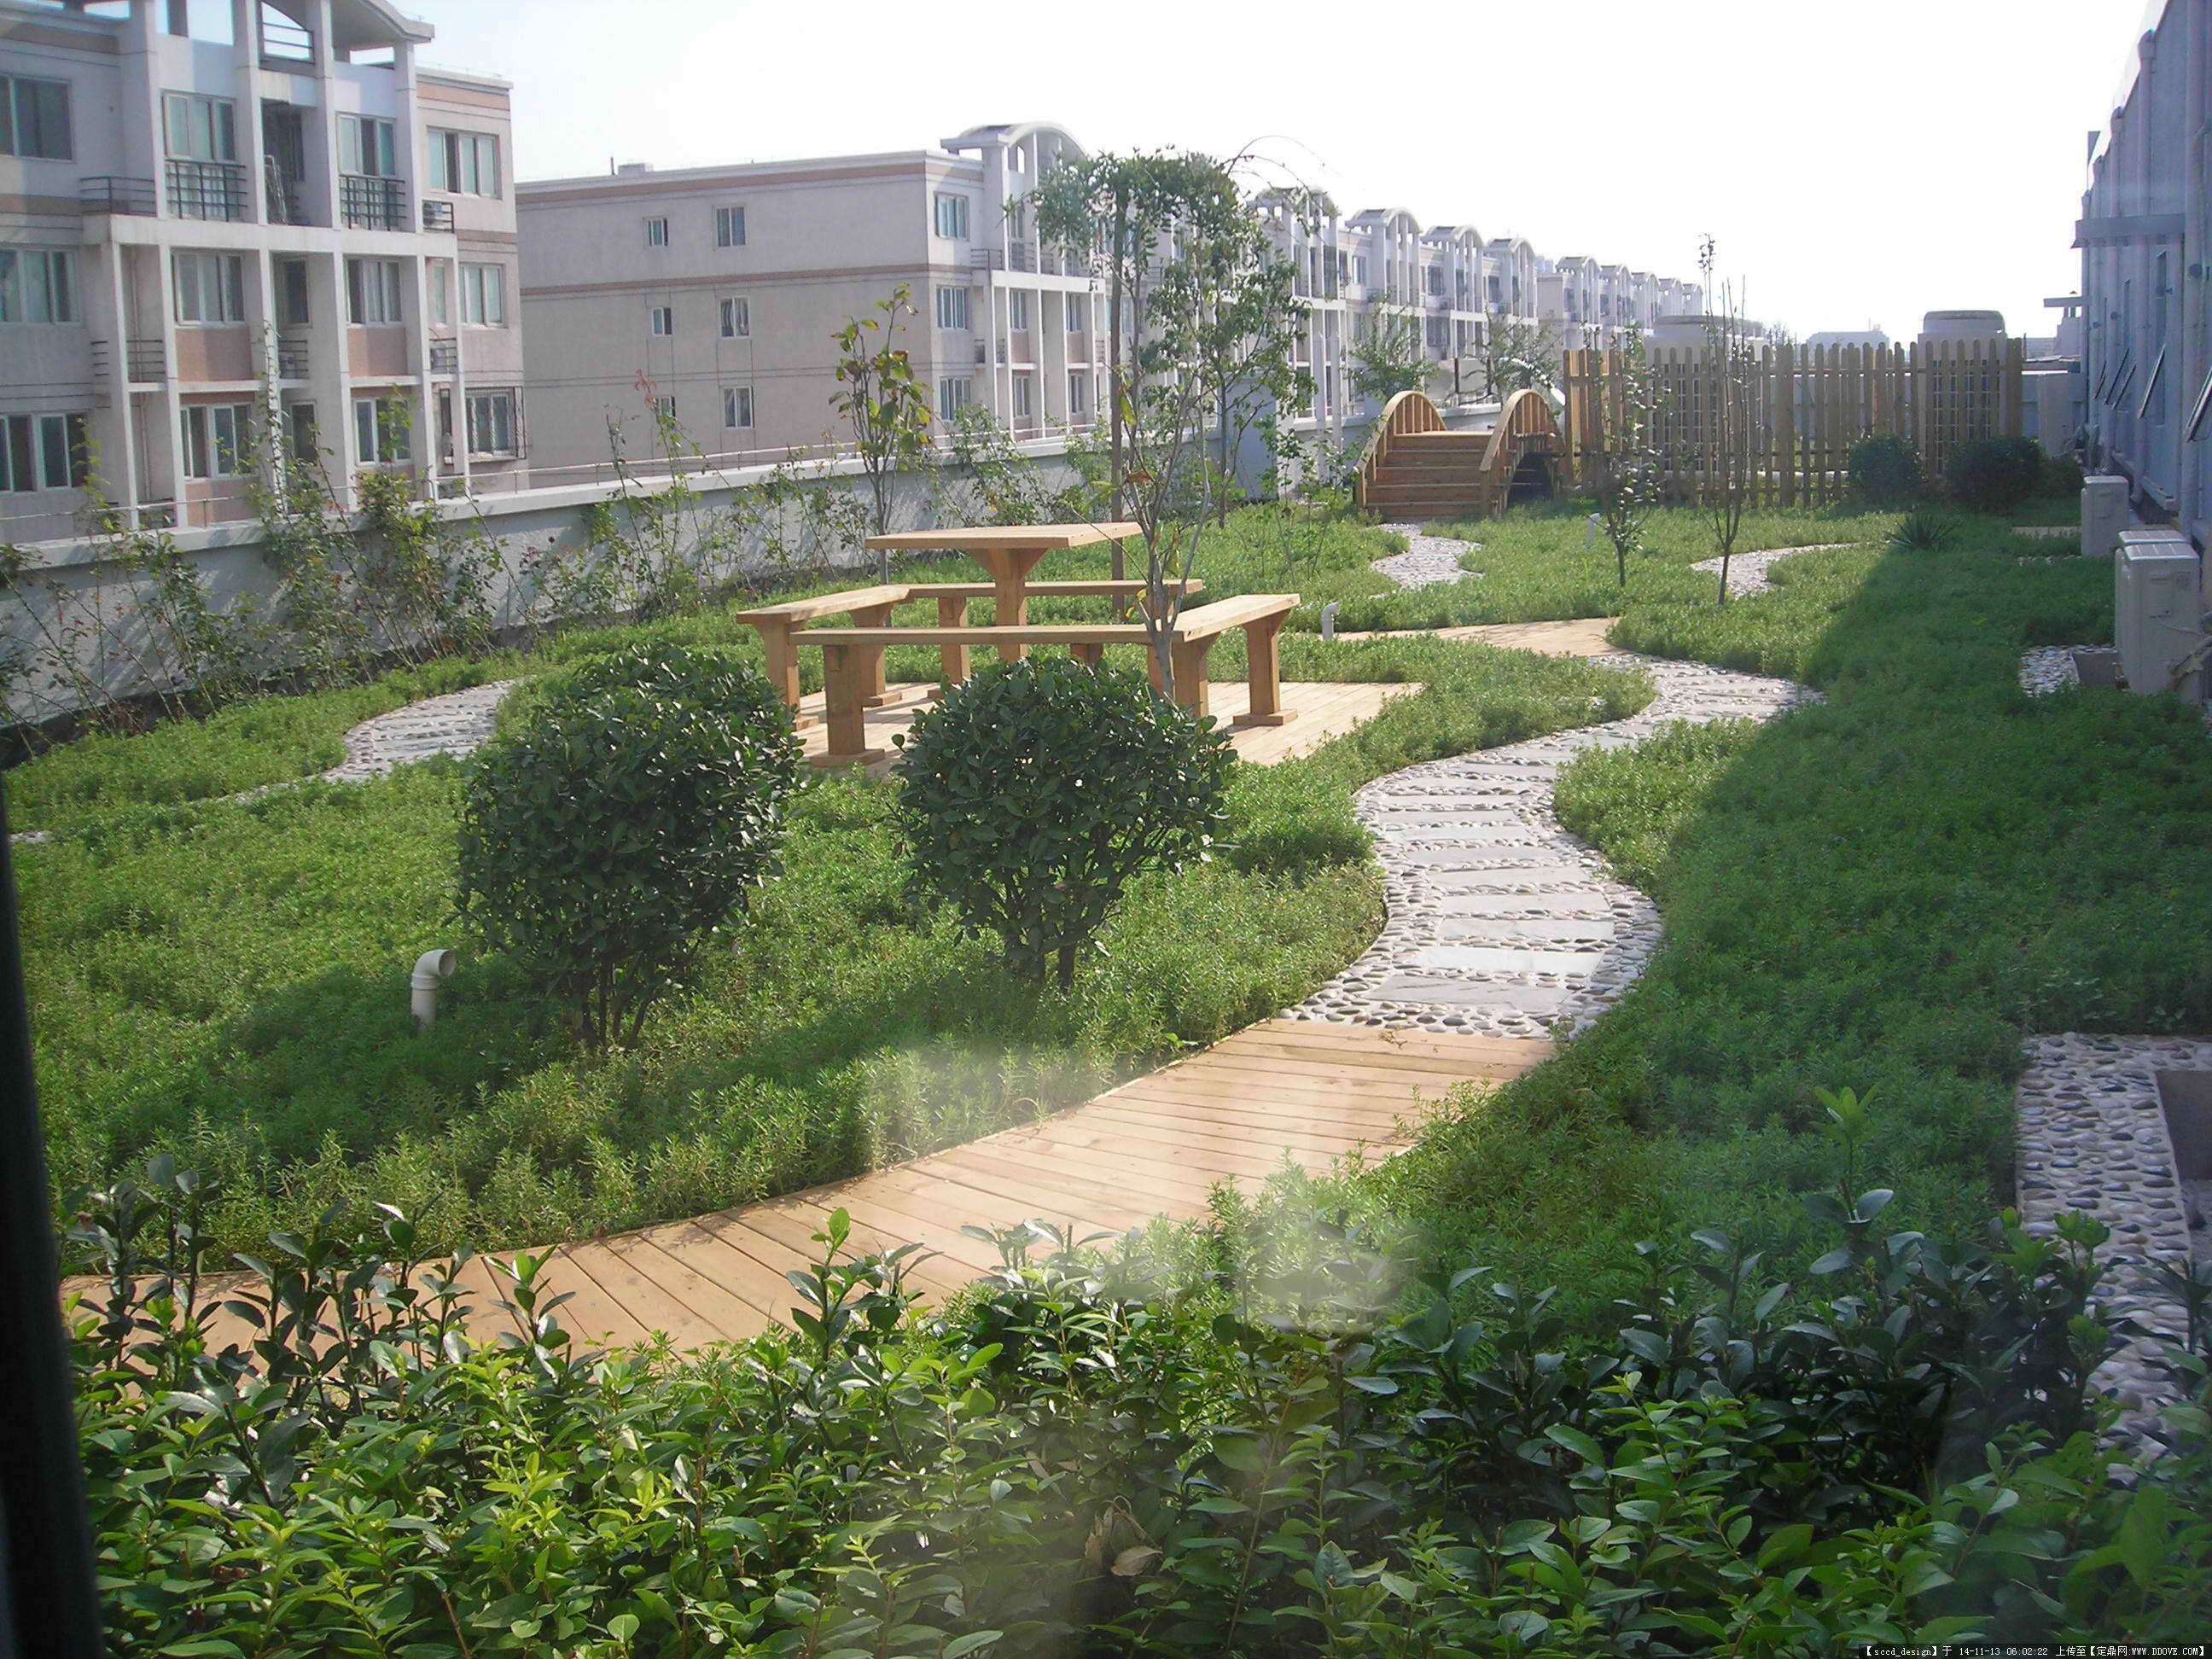 法屋顶花园设计实景图分享展示